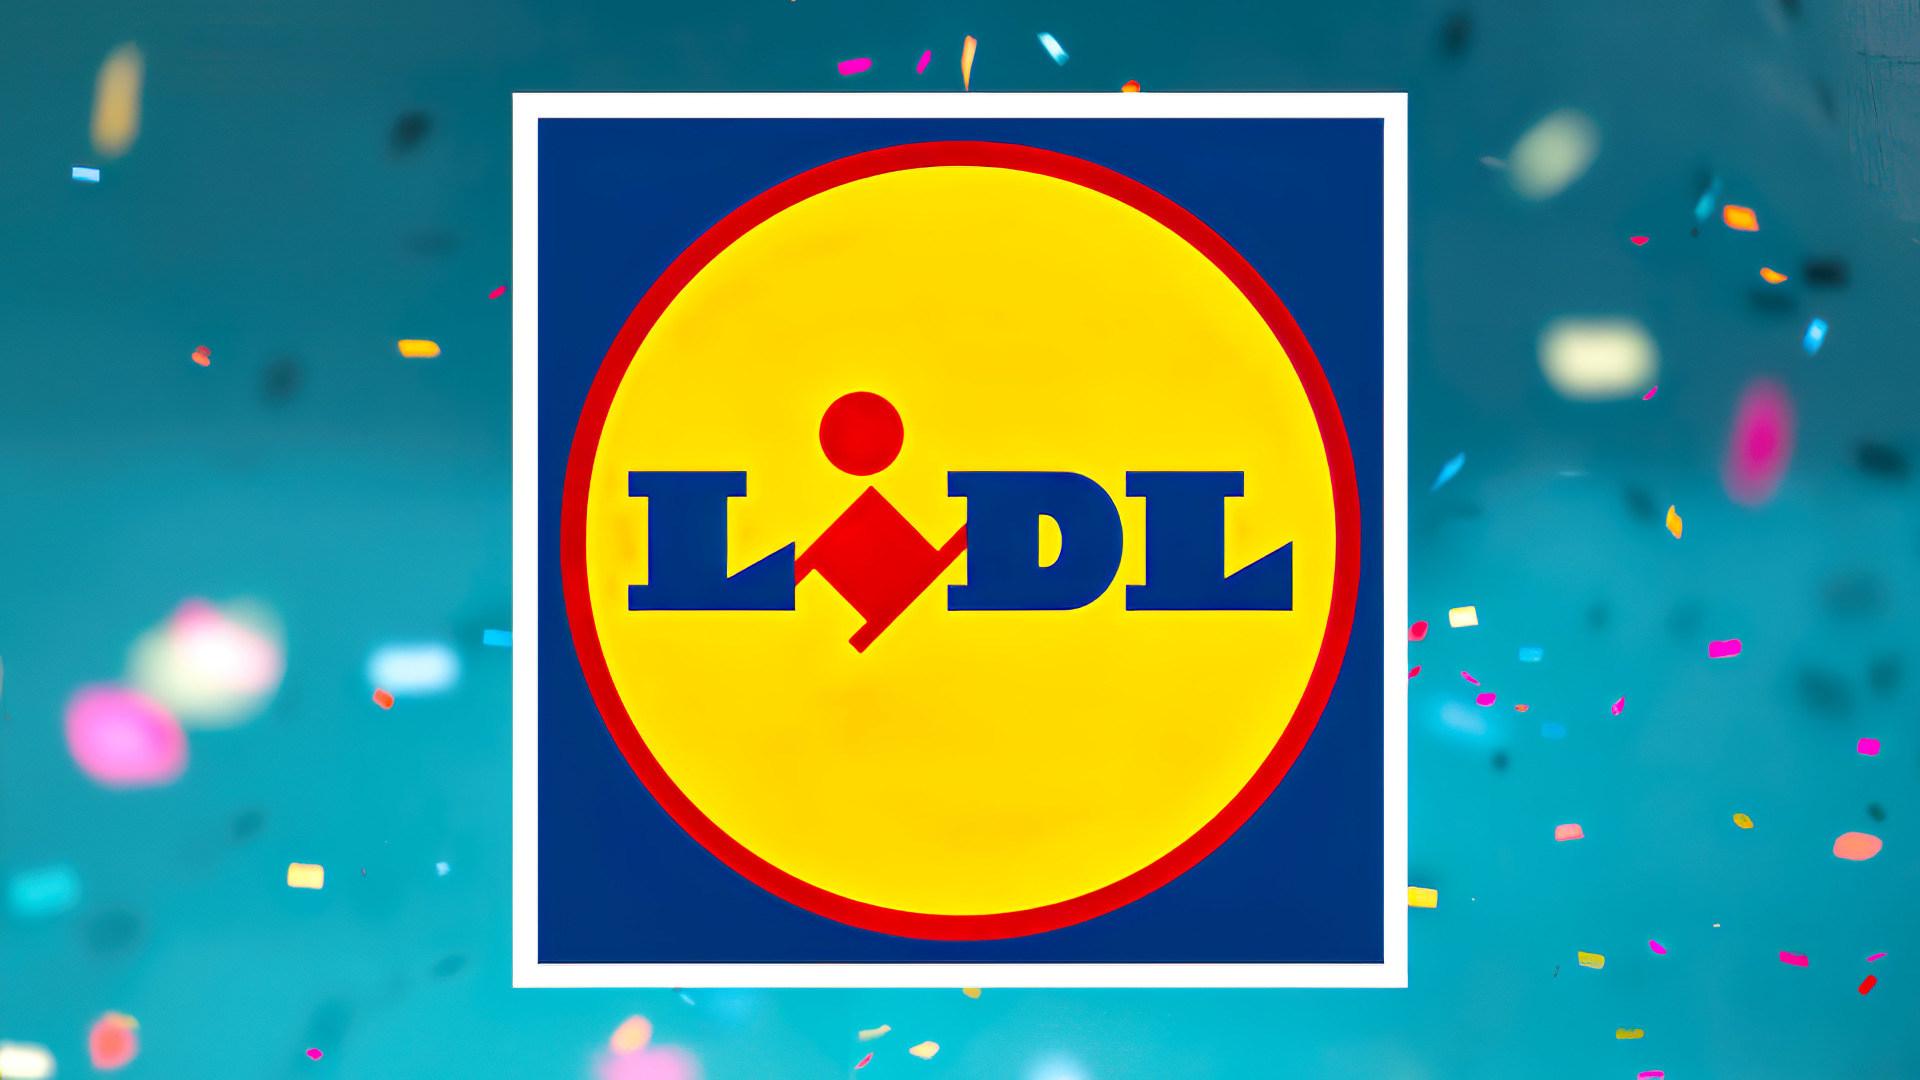 Logo, Schnäppchen, Sonderangebote, Rabattaktion, Angebote, Discounter, Lidl